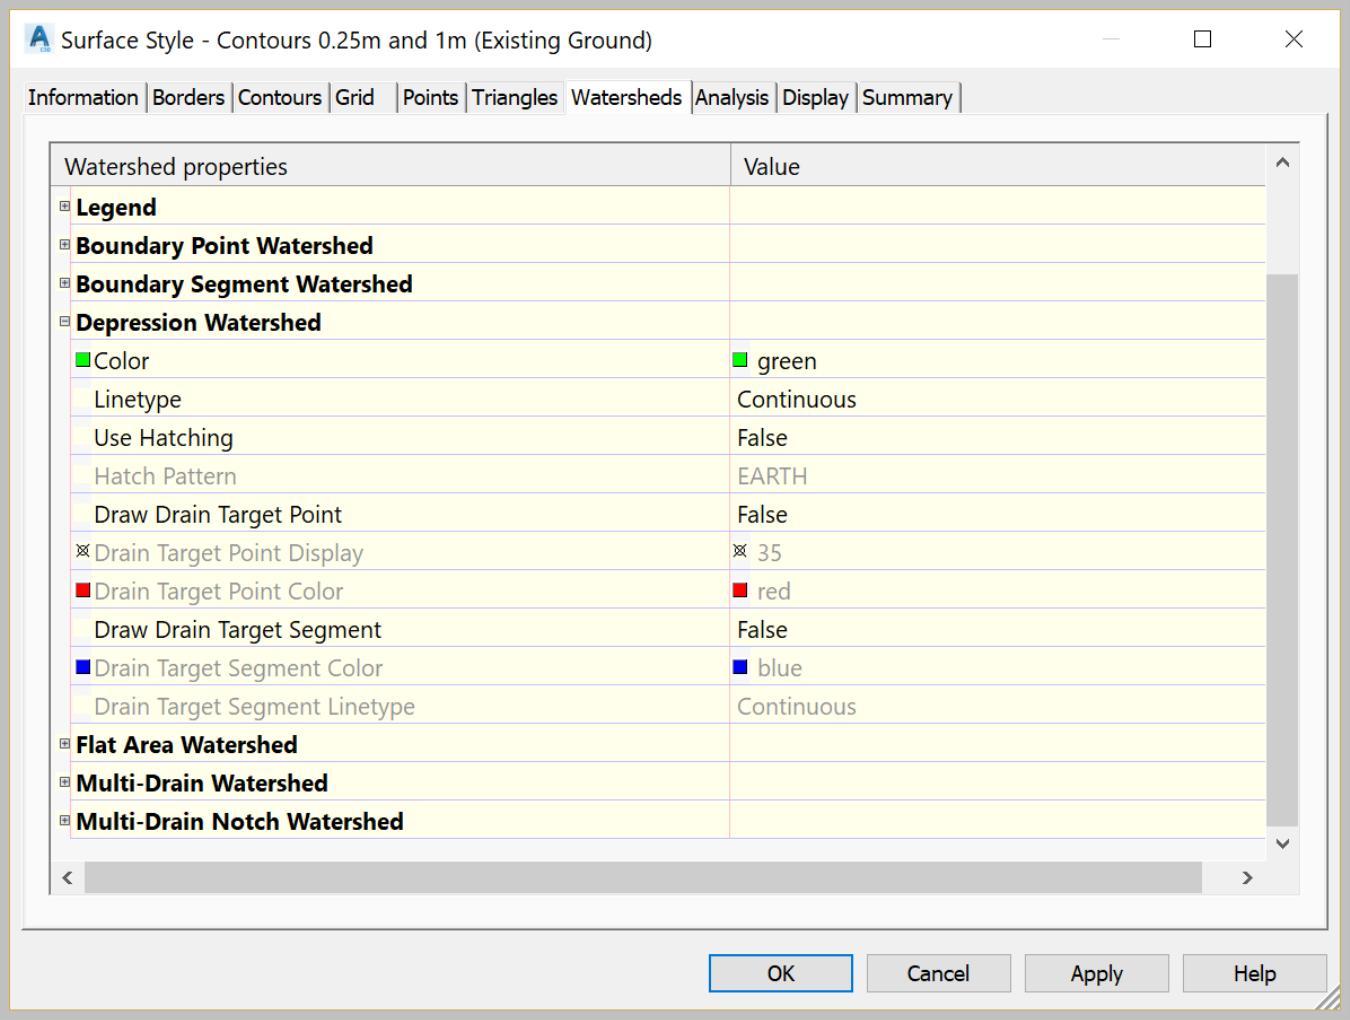 C:\Users\Infratech.Civil\AppData\Local\Microsoft\Windows\INetCache\Content.MSO\E0FBC61A.tmp